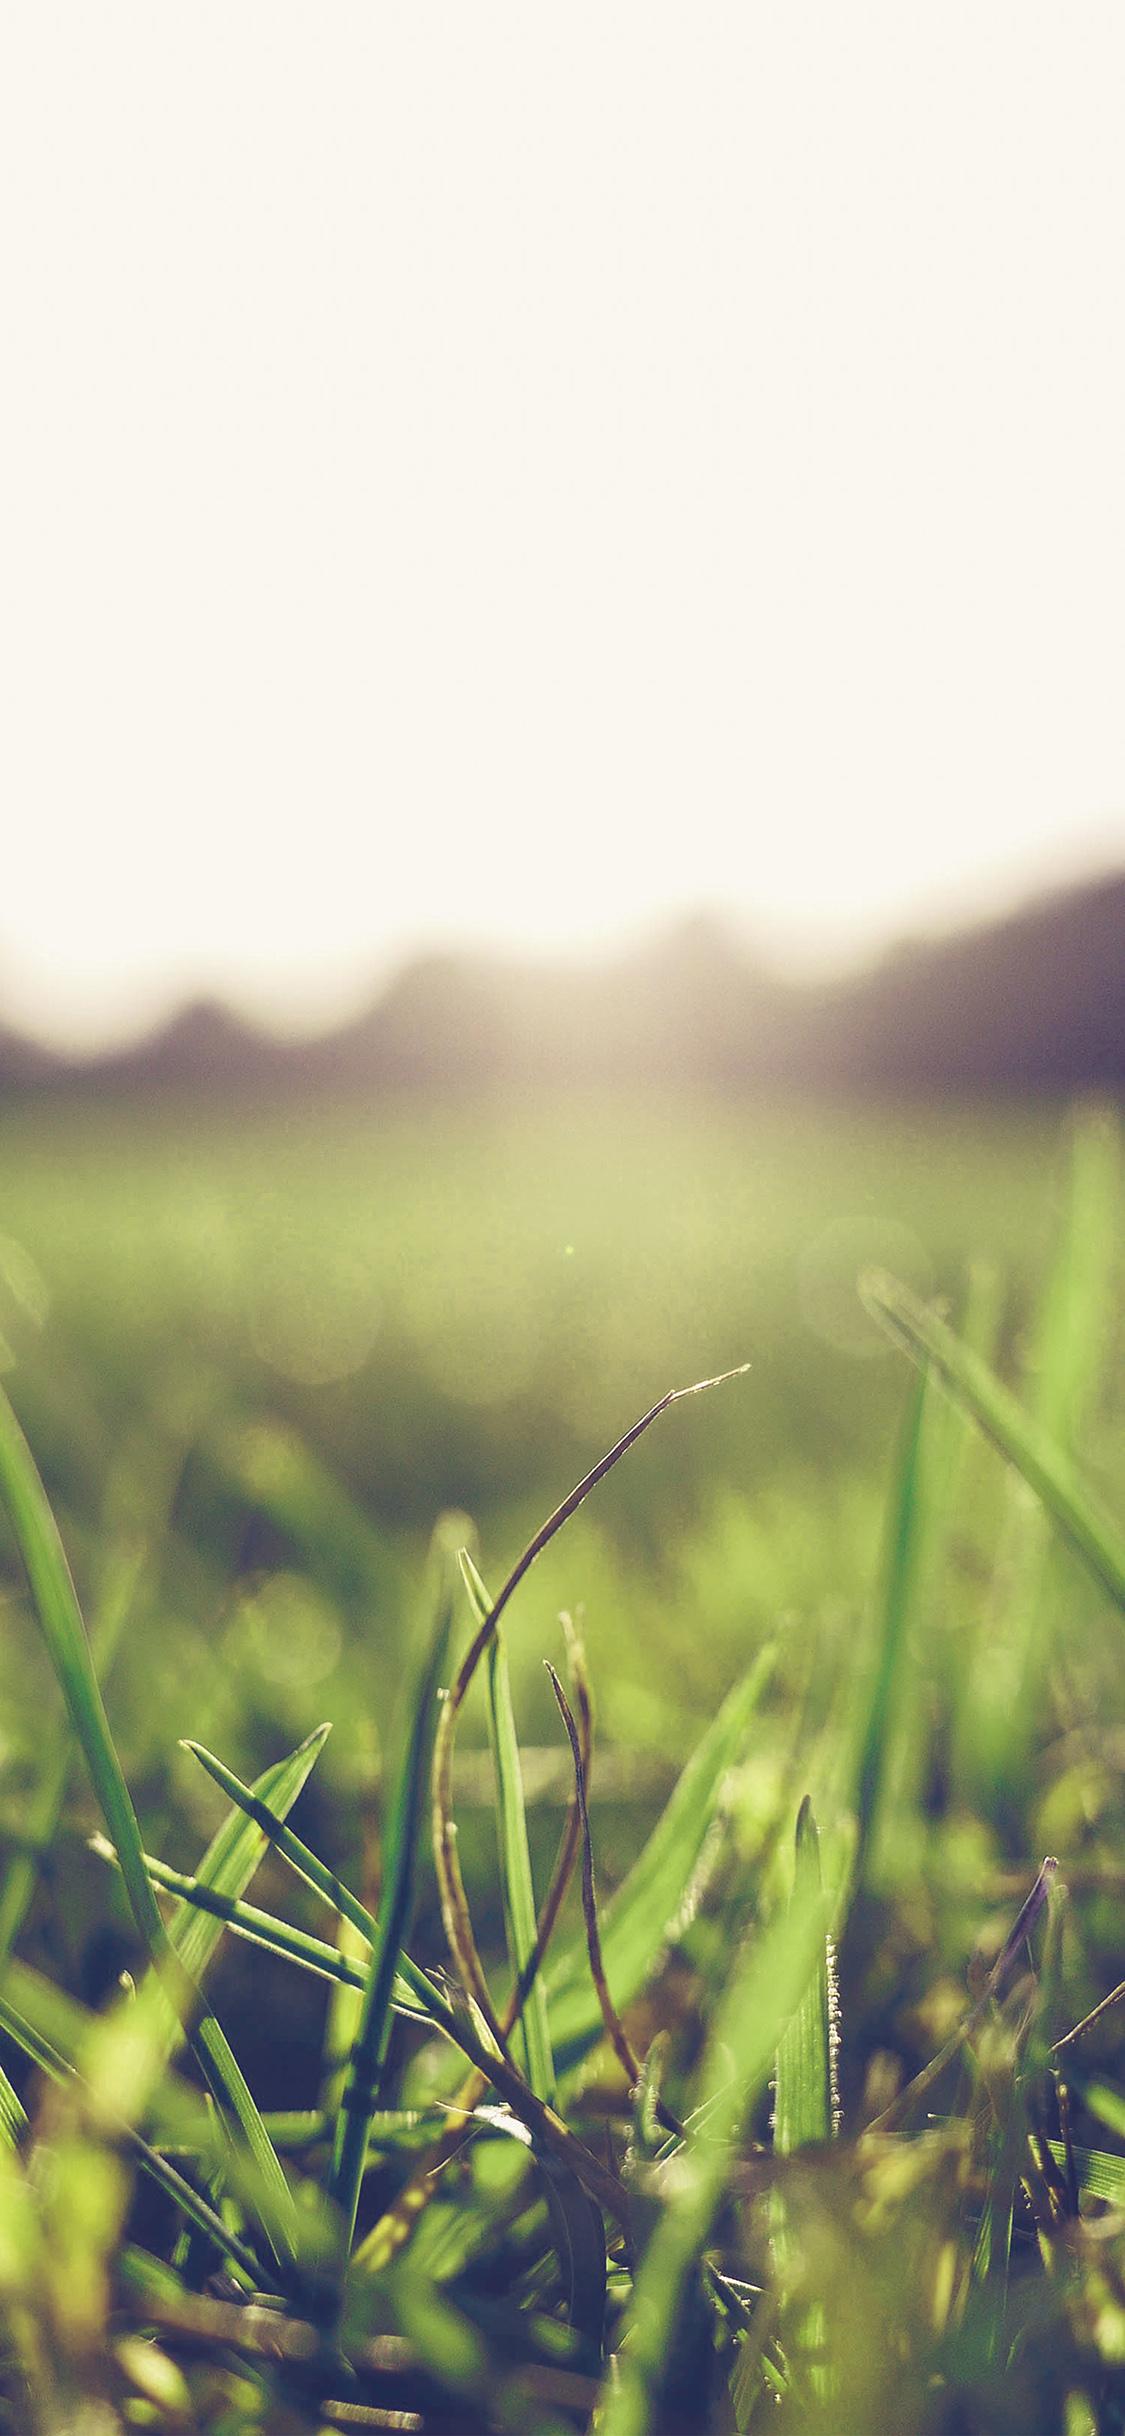 Iphone11papers Com Iphone11 Wallpaper Mw47 Grass Green Blue Bokeh Light Summer Nature